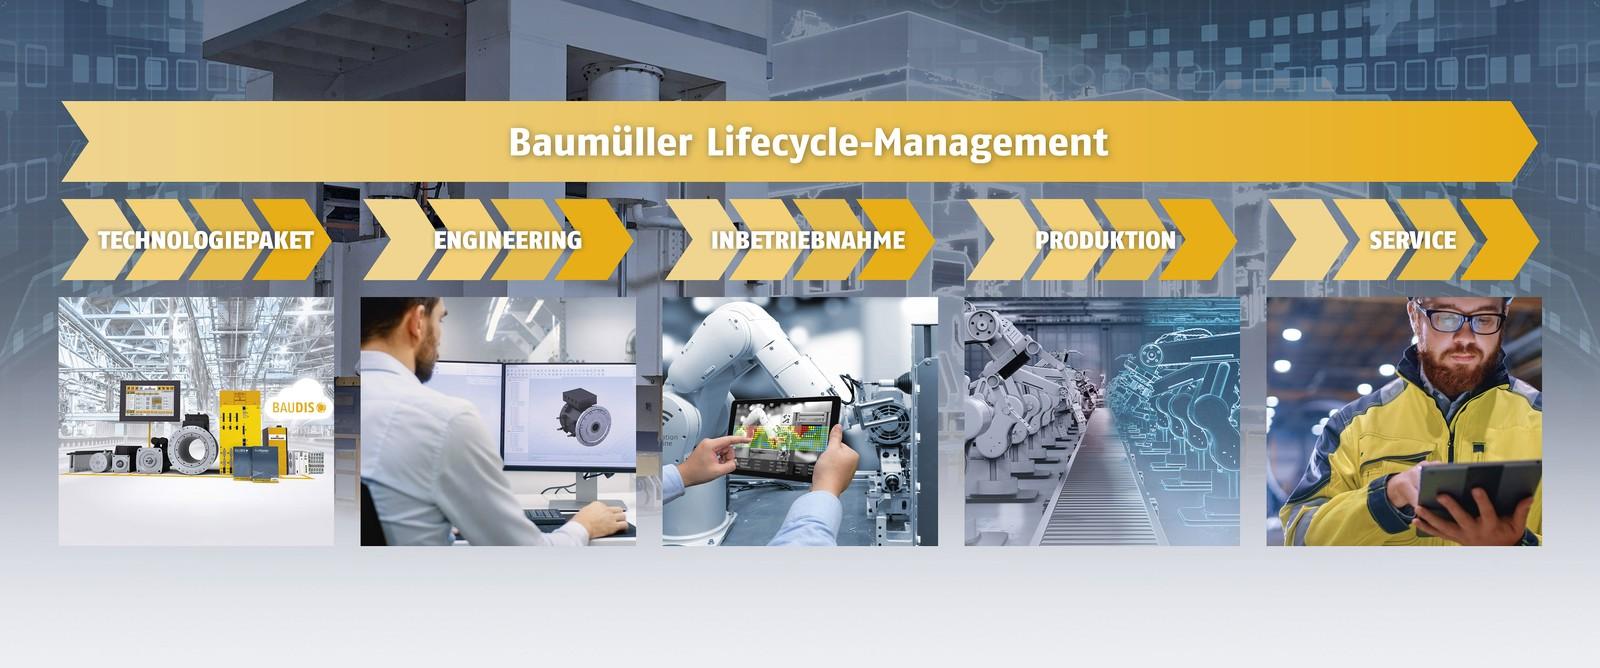 Die Baumüller Gruppe ist Komplettanbieter für Automatisierungs- und Antriebssysteme. Baumüller präsentiert ein umfassendes Produkt- und Lösungsprogramm für das gesamte Lifecycle Management.